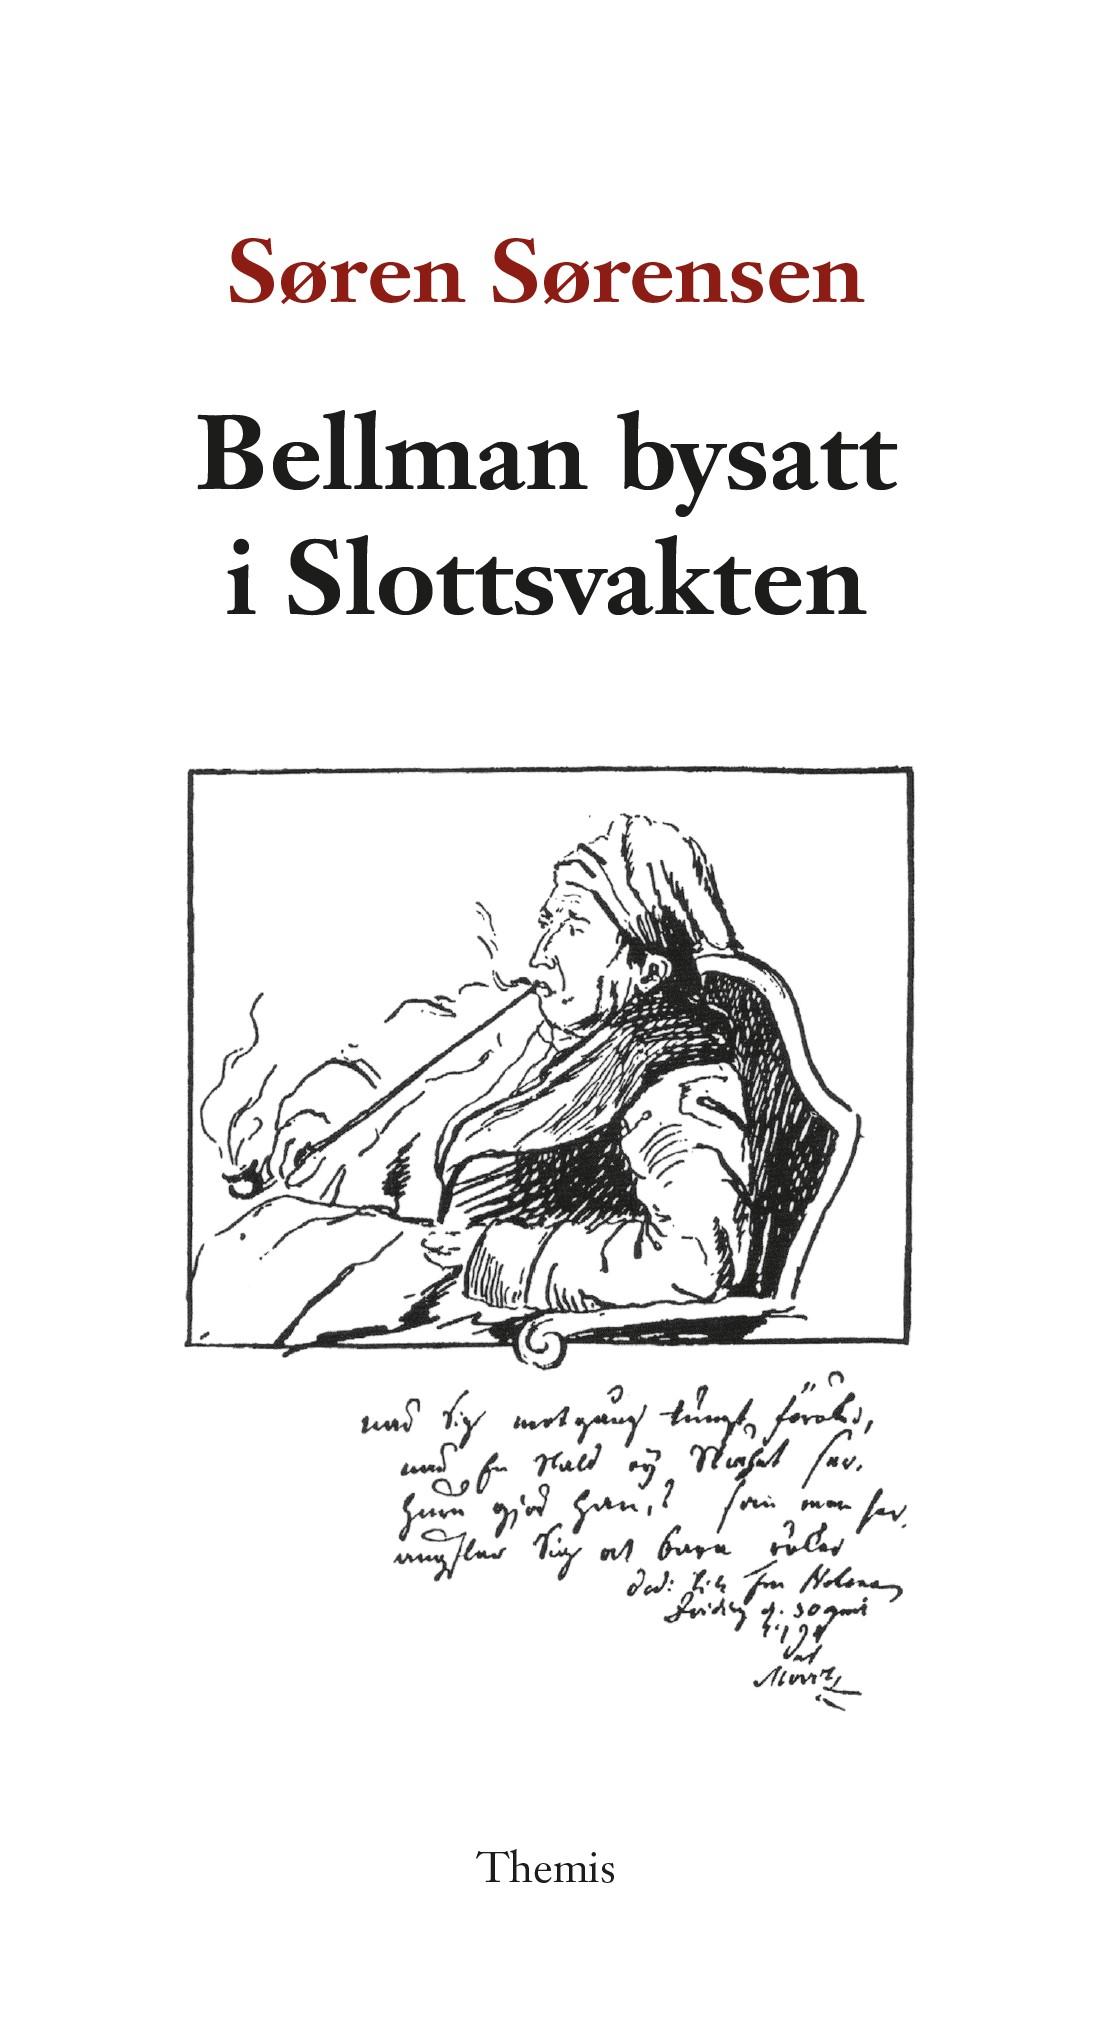 Søren Sørensen – Bellman bysatt i Slottsvakten